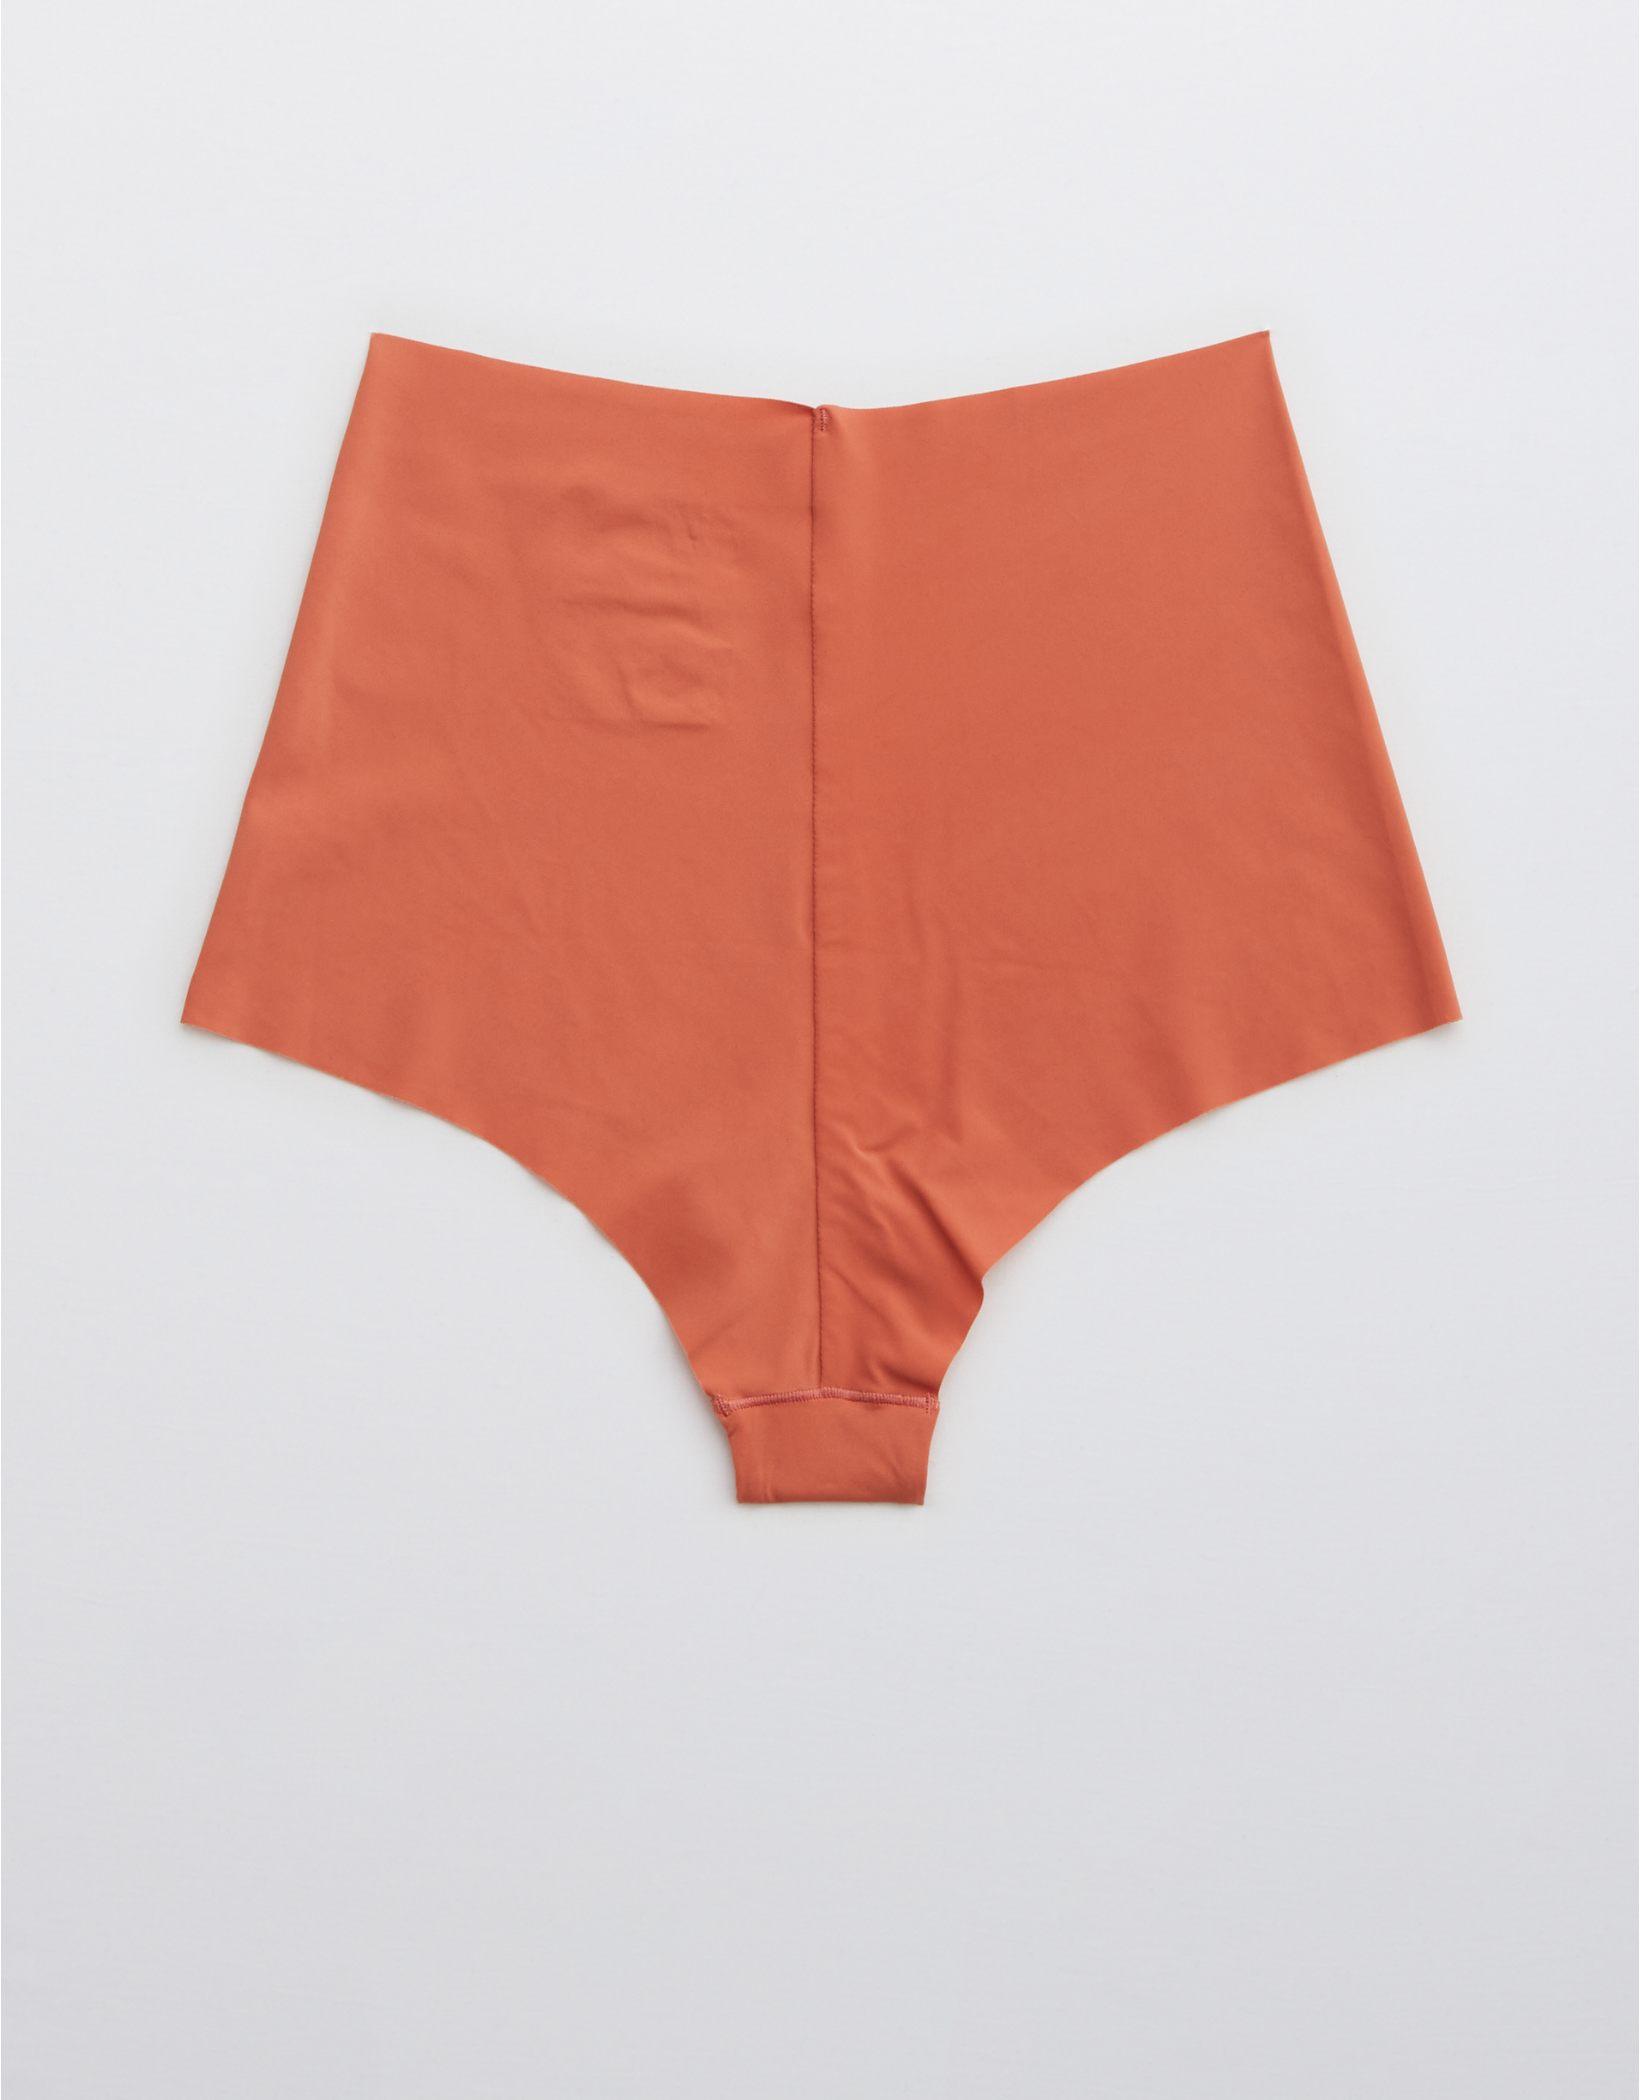 OFFLINE No Show High Waisted Cheeky Legging Underwear